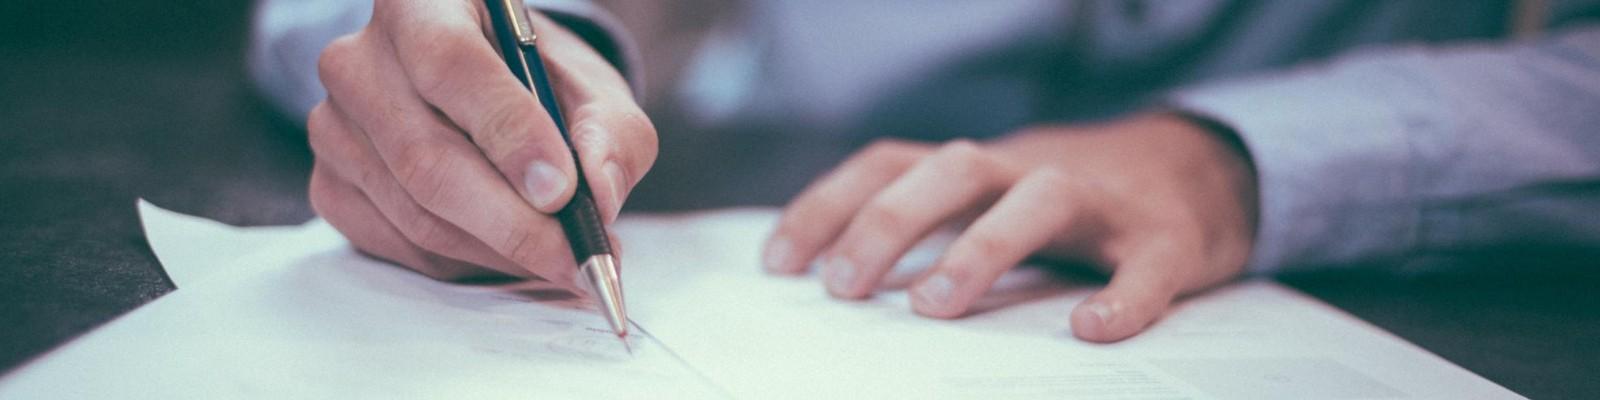 {:uk}Страхування професійної відповідальності аудиторів{:}{:ru}Страхование профессиональной ответственности аудиторов{:}